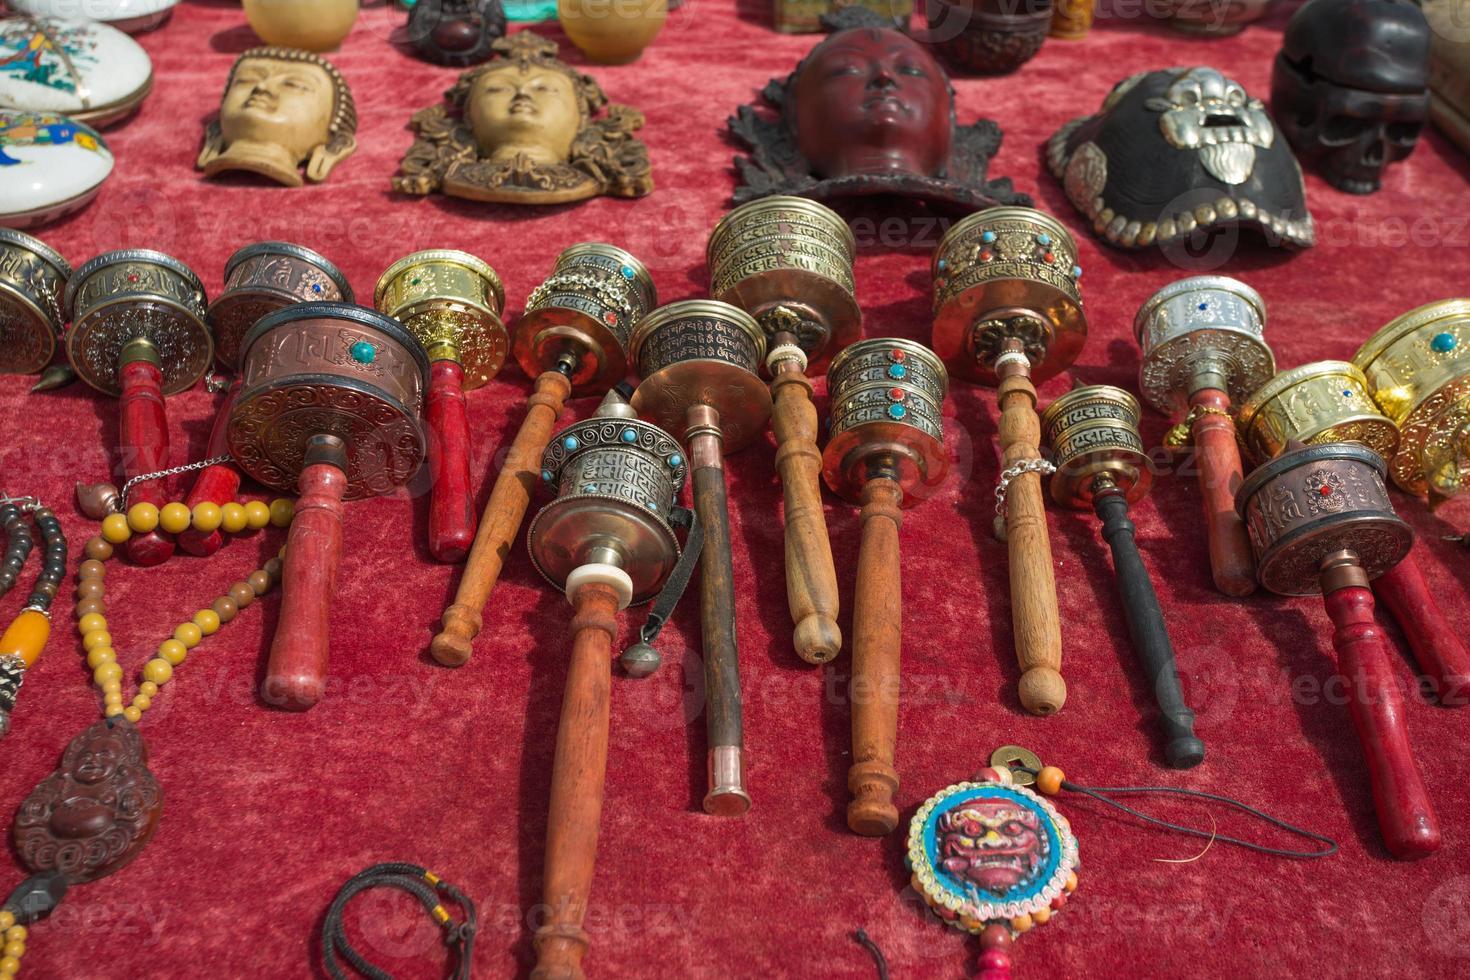 boeddhistische gebedsmolens te koop foto